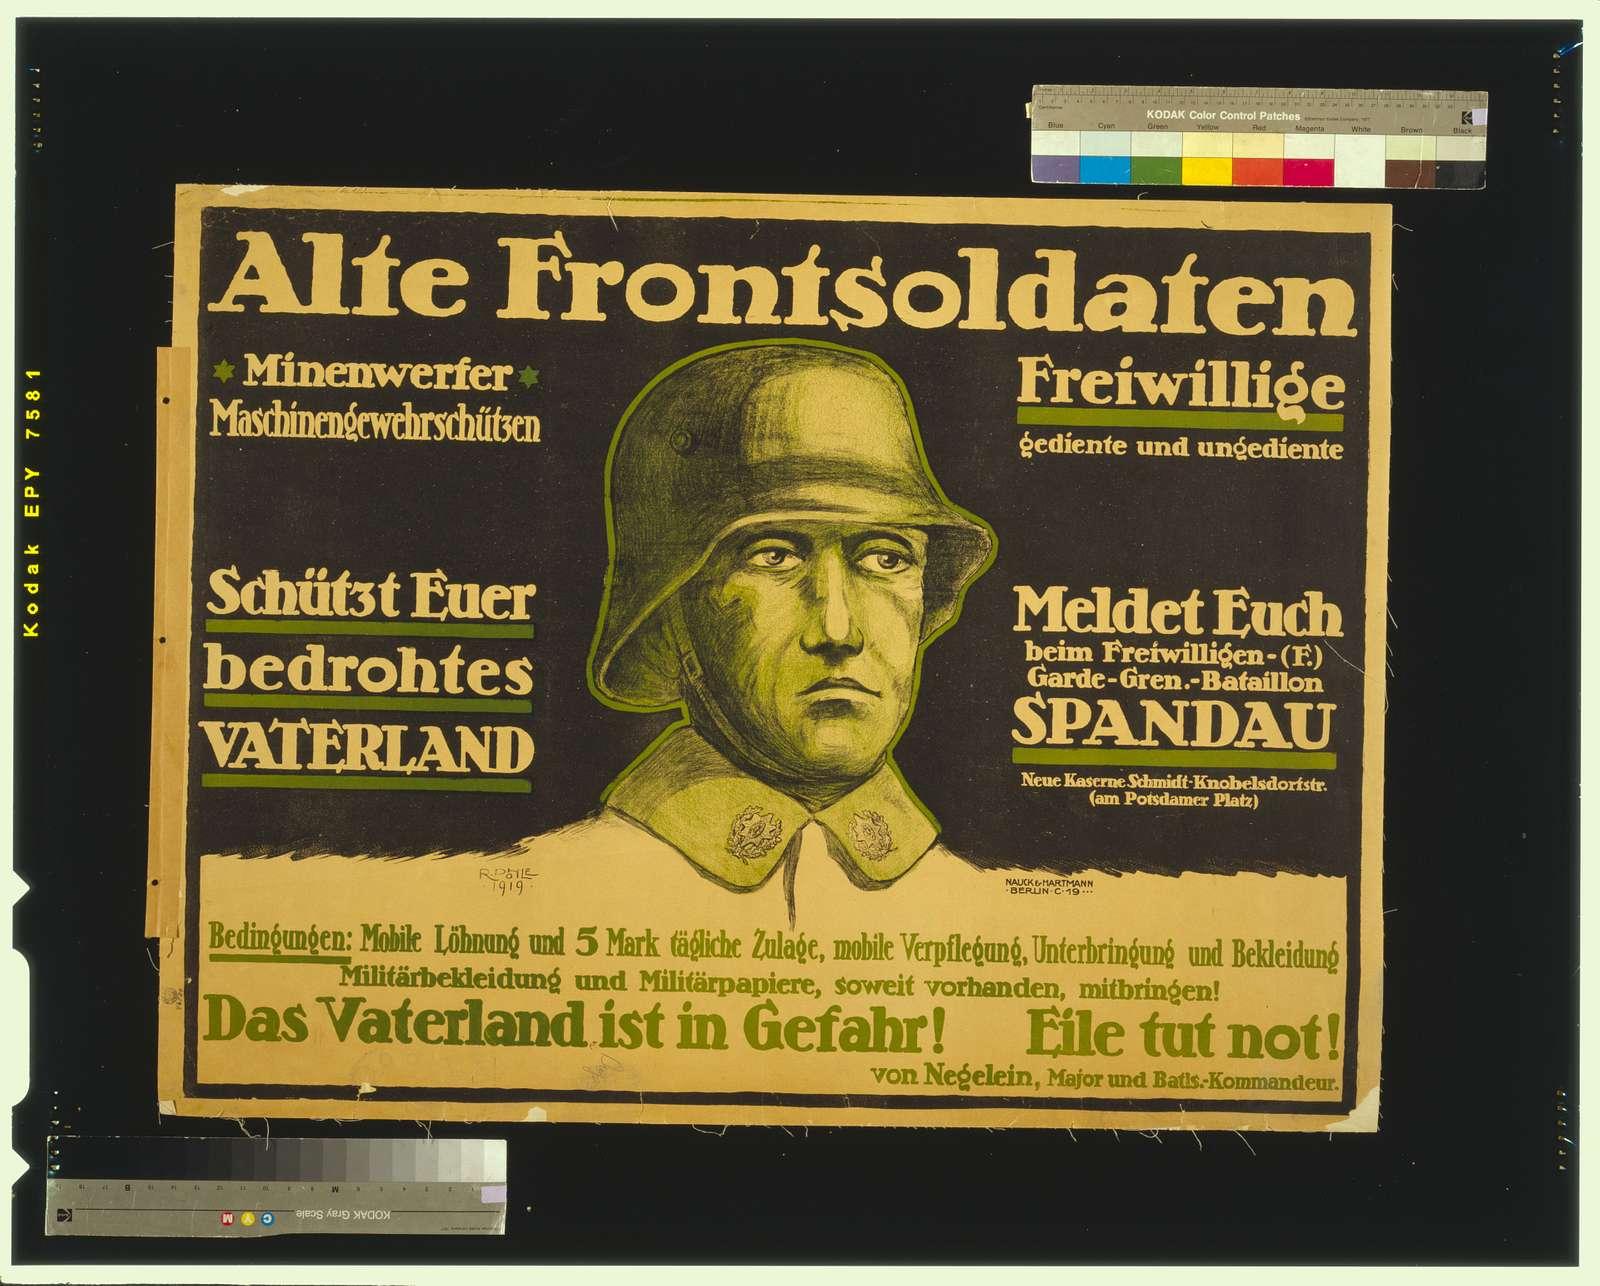 Alte Frontsoldaten ... Das Vaterland is in Gefahr! Eile tut not! / R. Pohle, 1919.